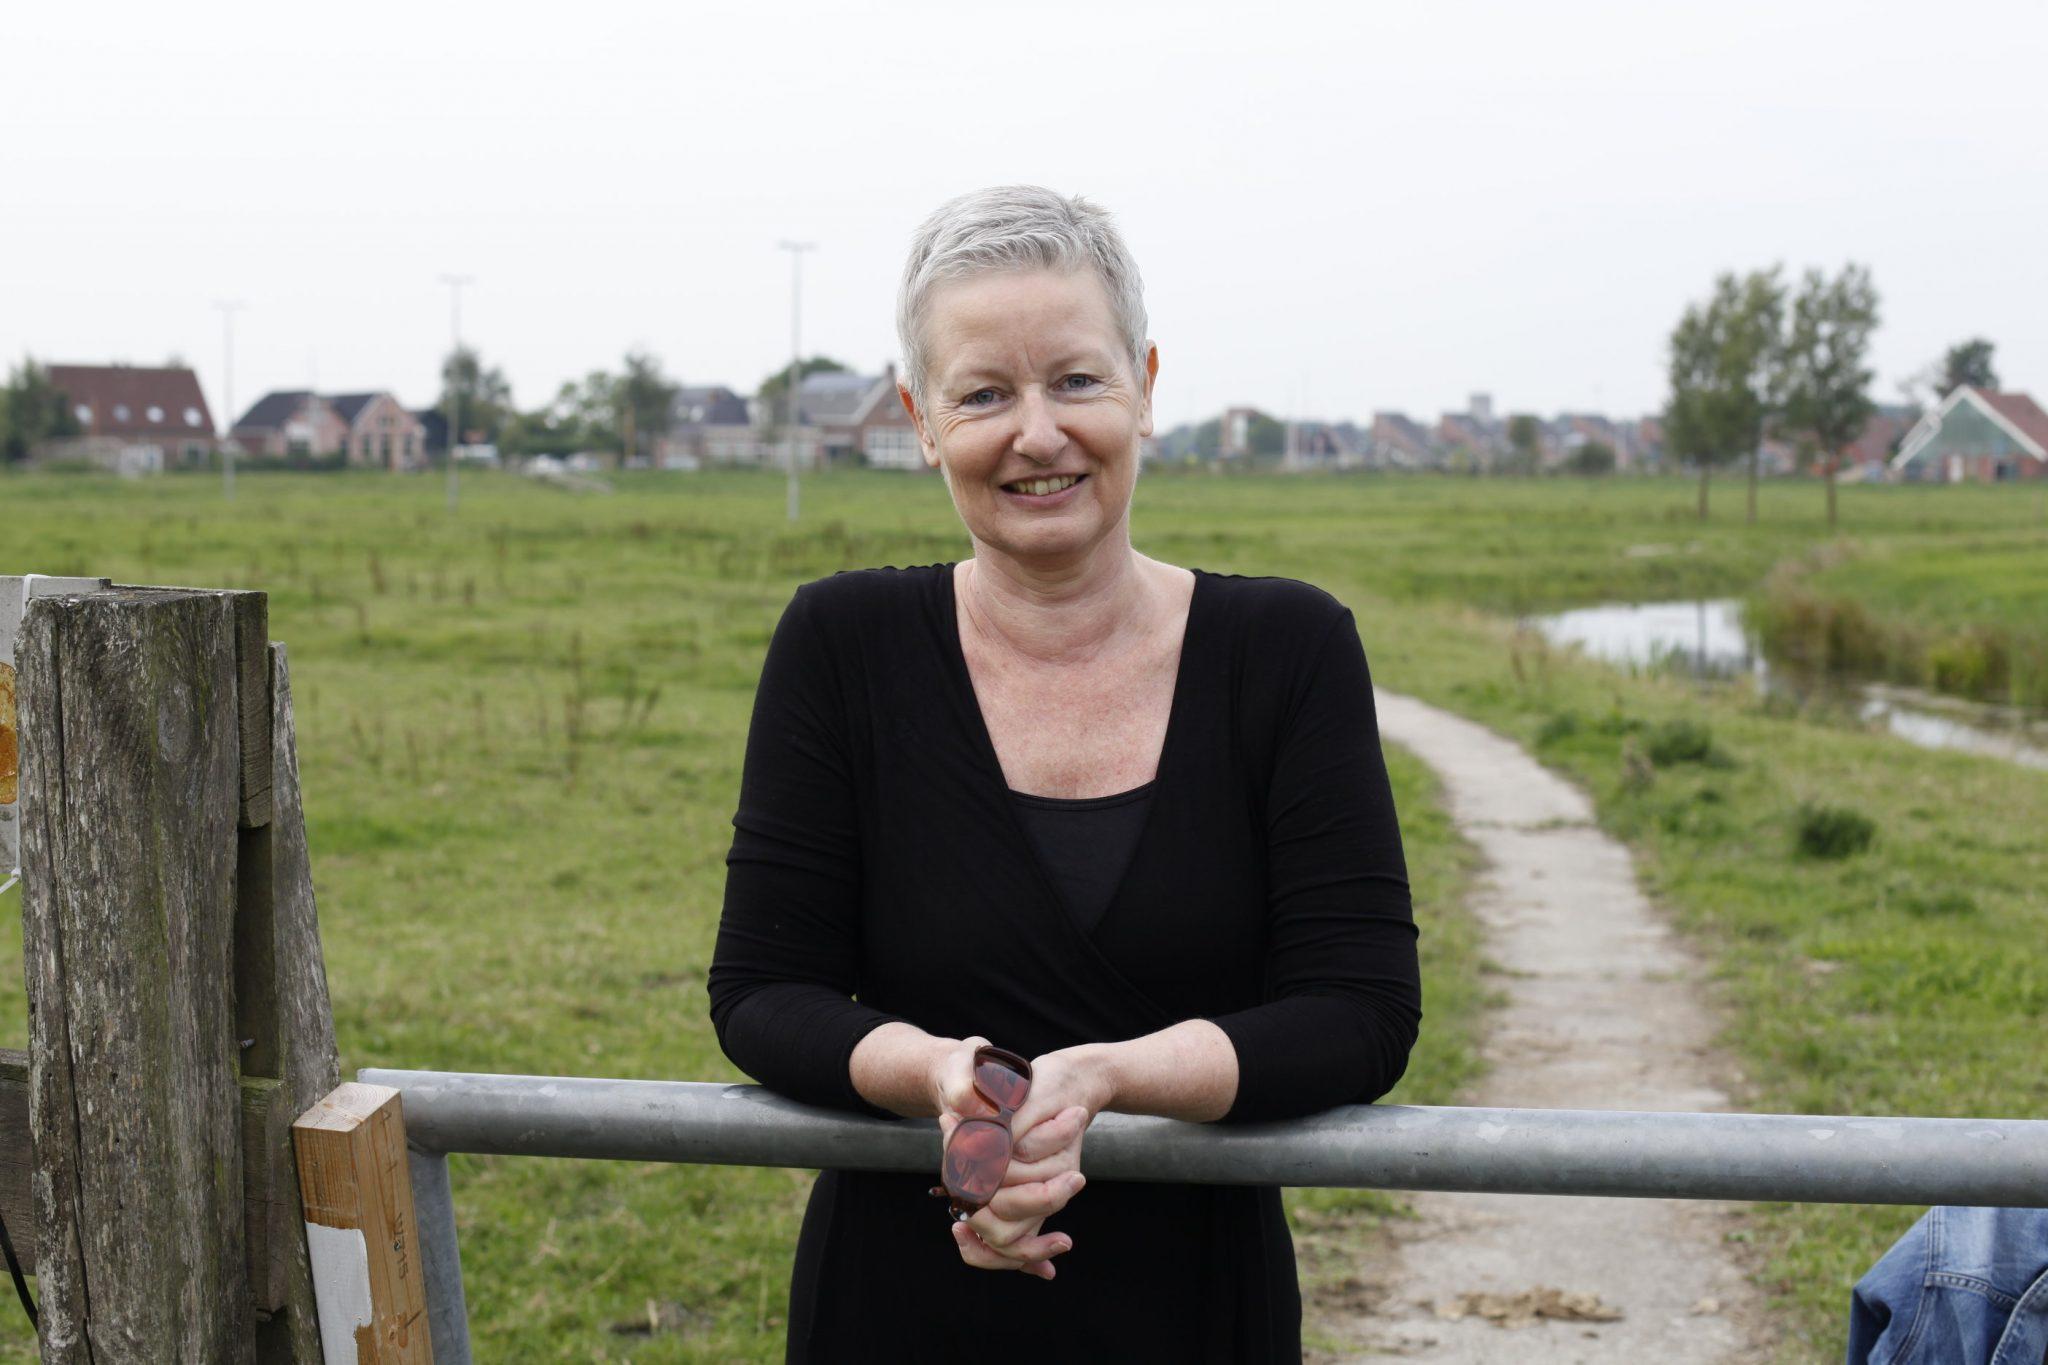 Paula vertelt openhartig hoe borstkanker haar leven op z'n kop zette